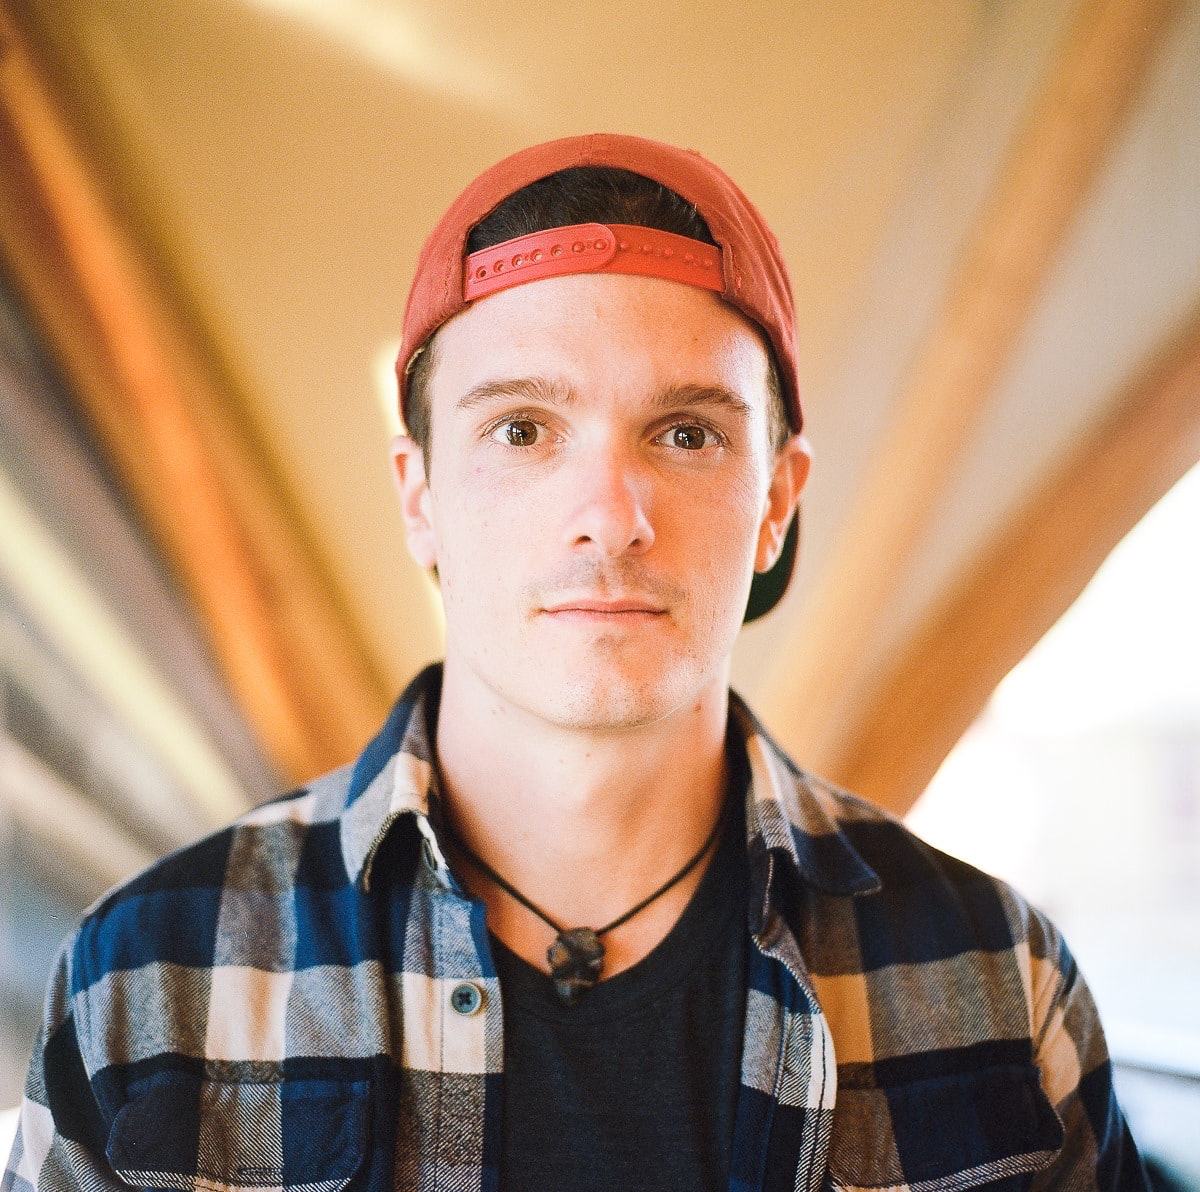 Avatar of user Nick Dunlap